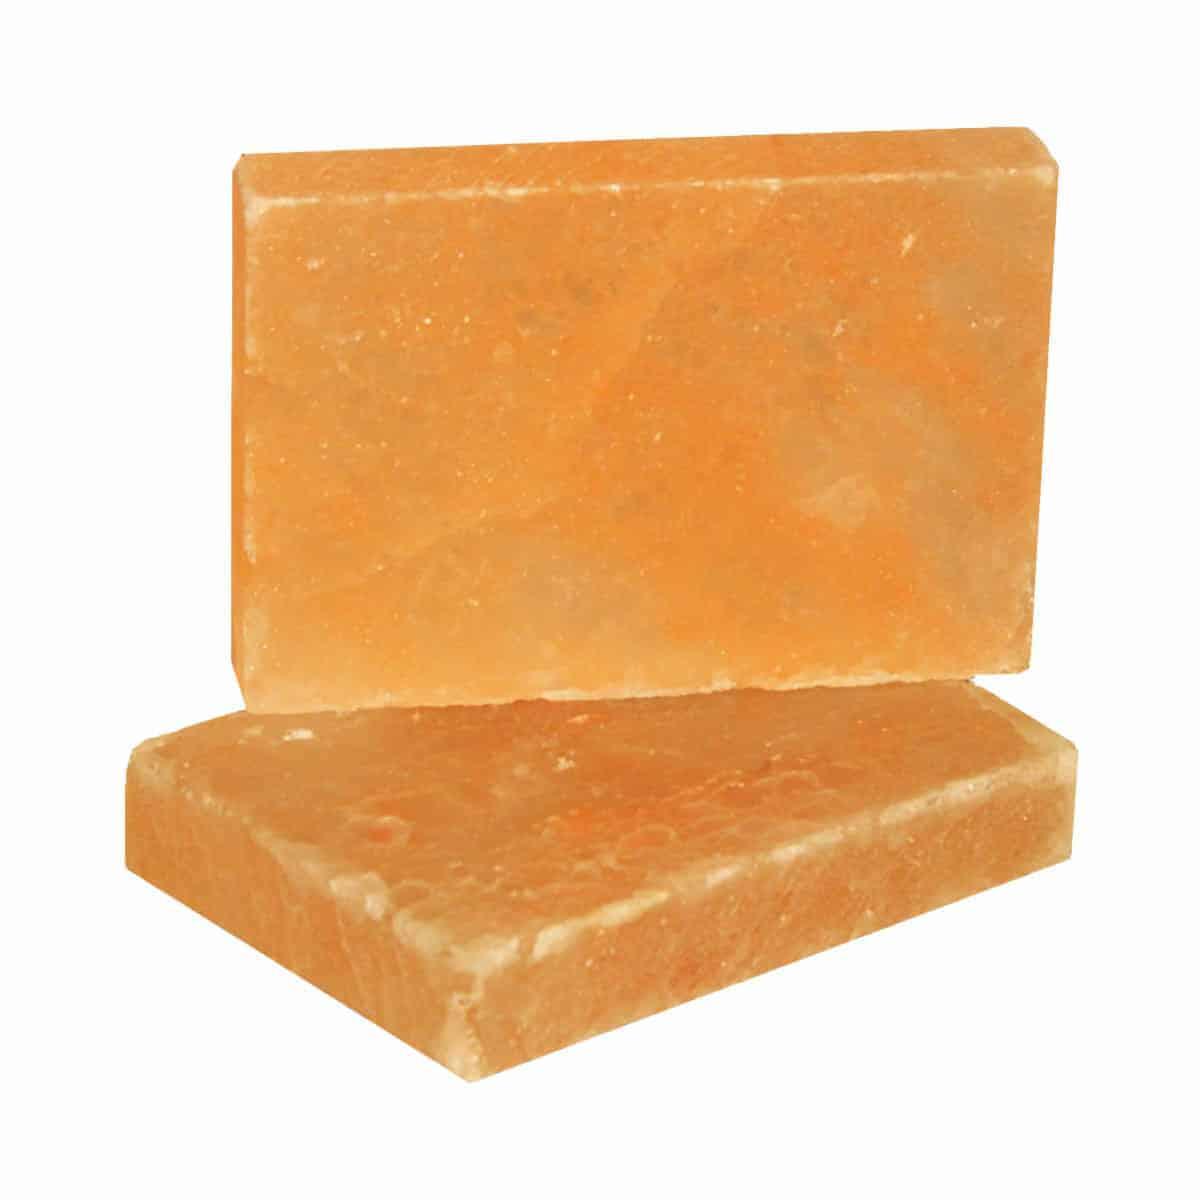 4x6x1 Brick